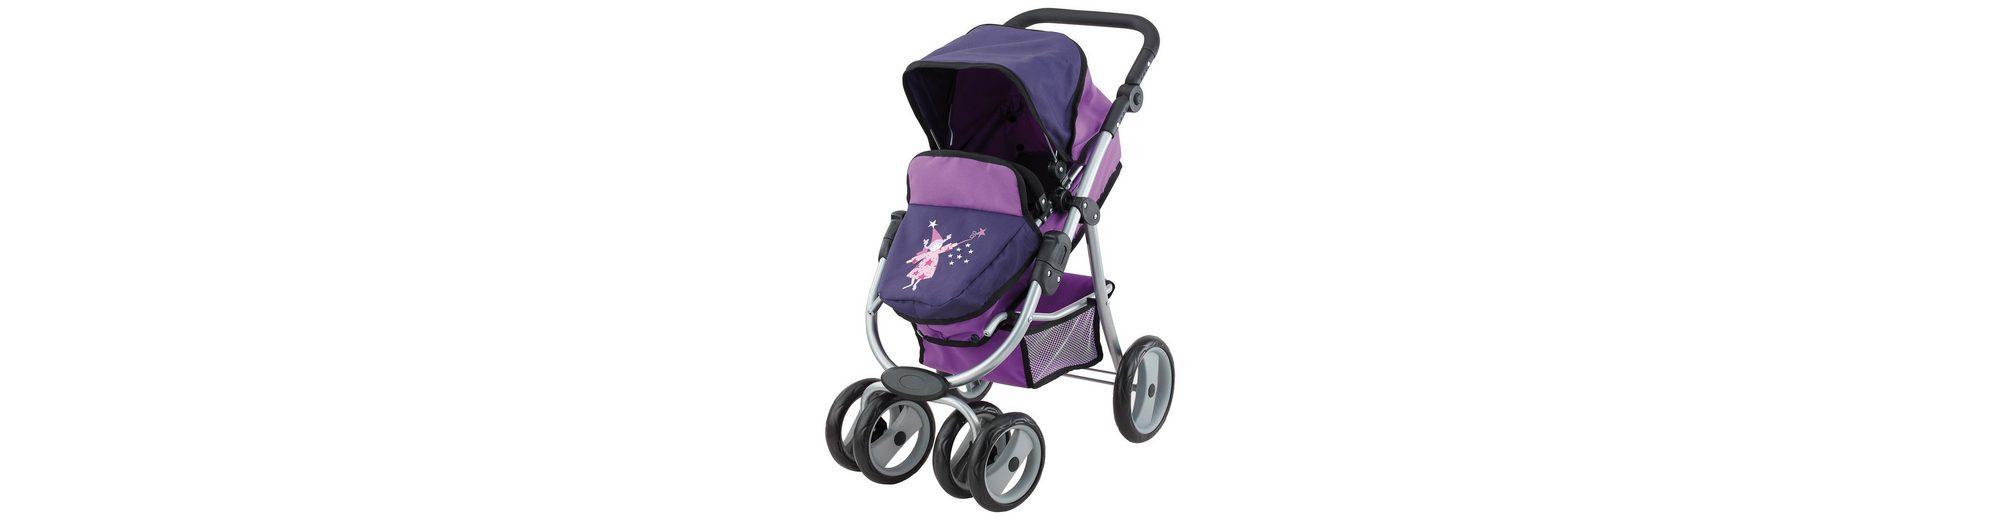 Bayer Design Puppenwagen, »Jogger Vario, Fee«